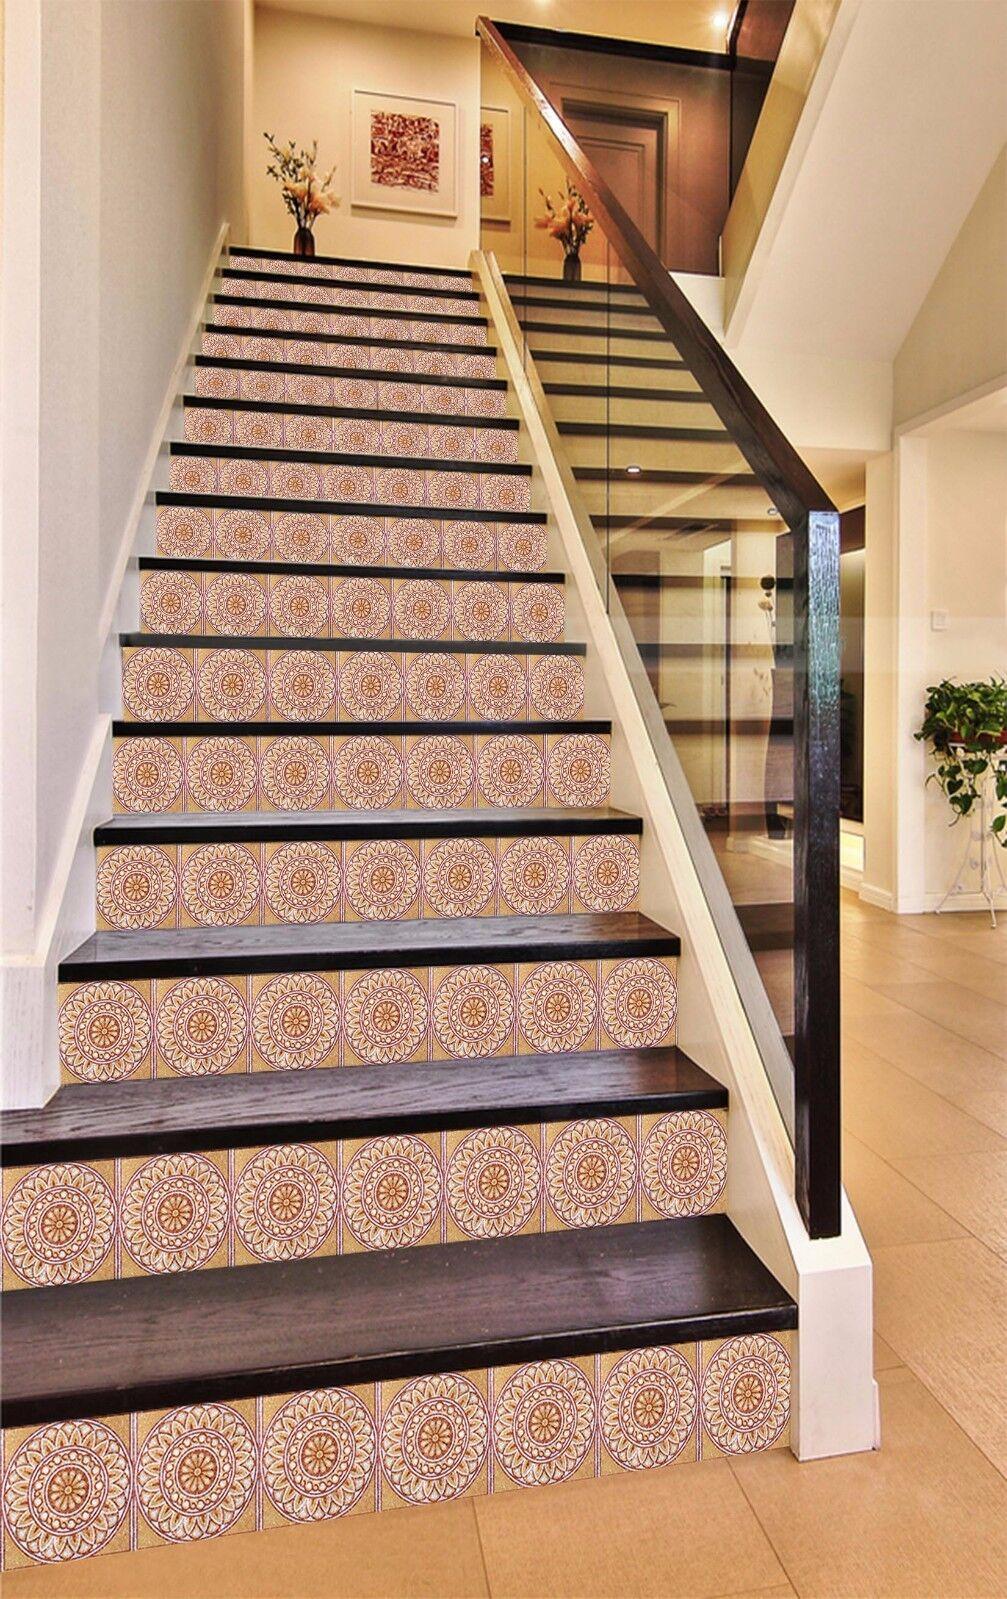 3D Muster 50 Stair Risers Dekoration Fototapete Vinyl Aufkleber Tapete DE Lemon